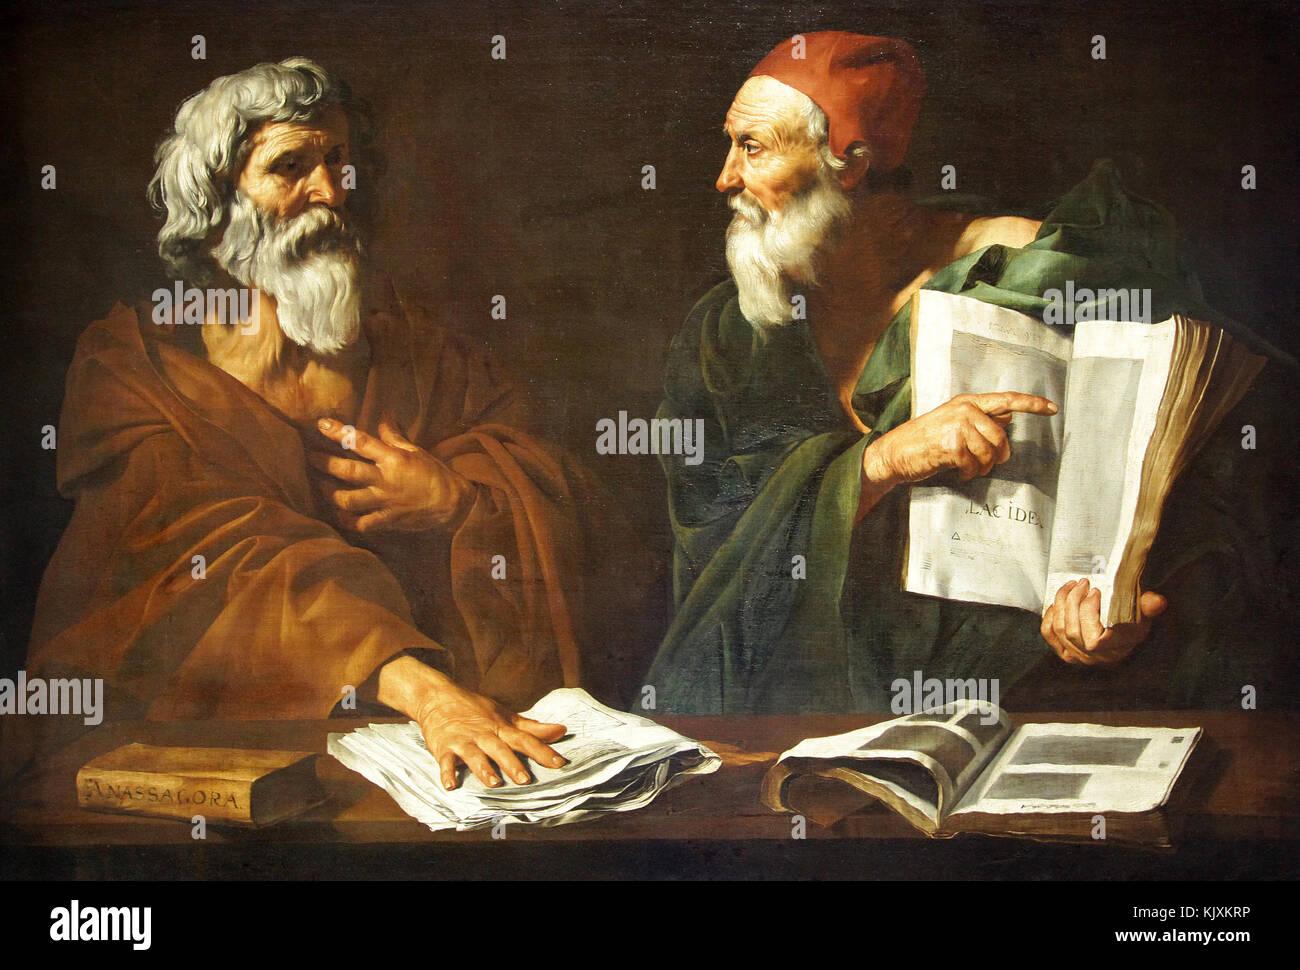 the philosophy of confucius 2 essay